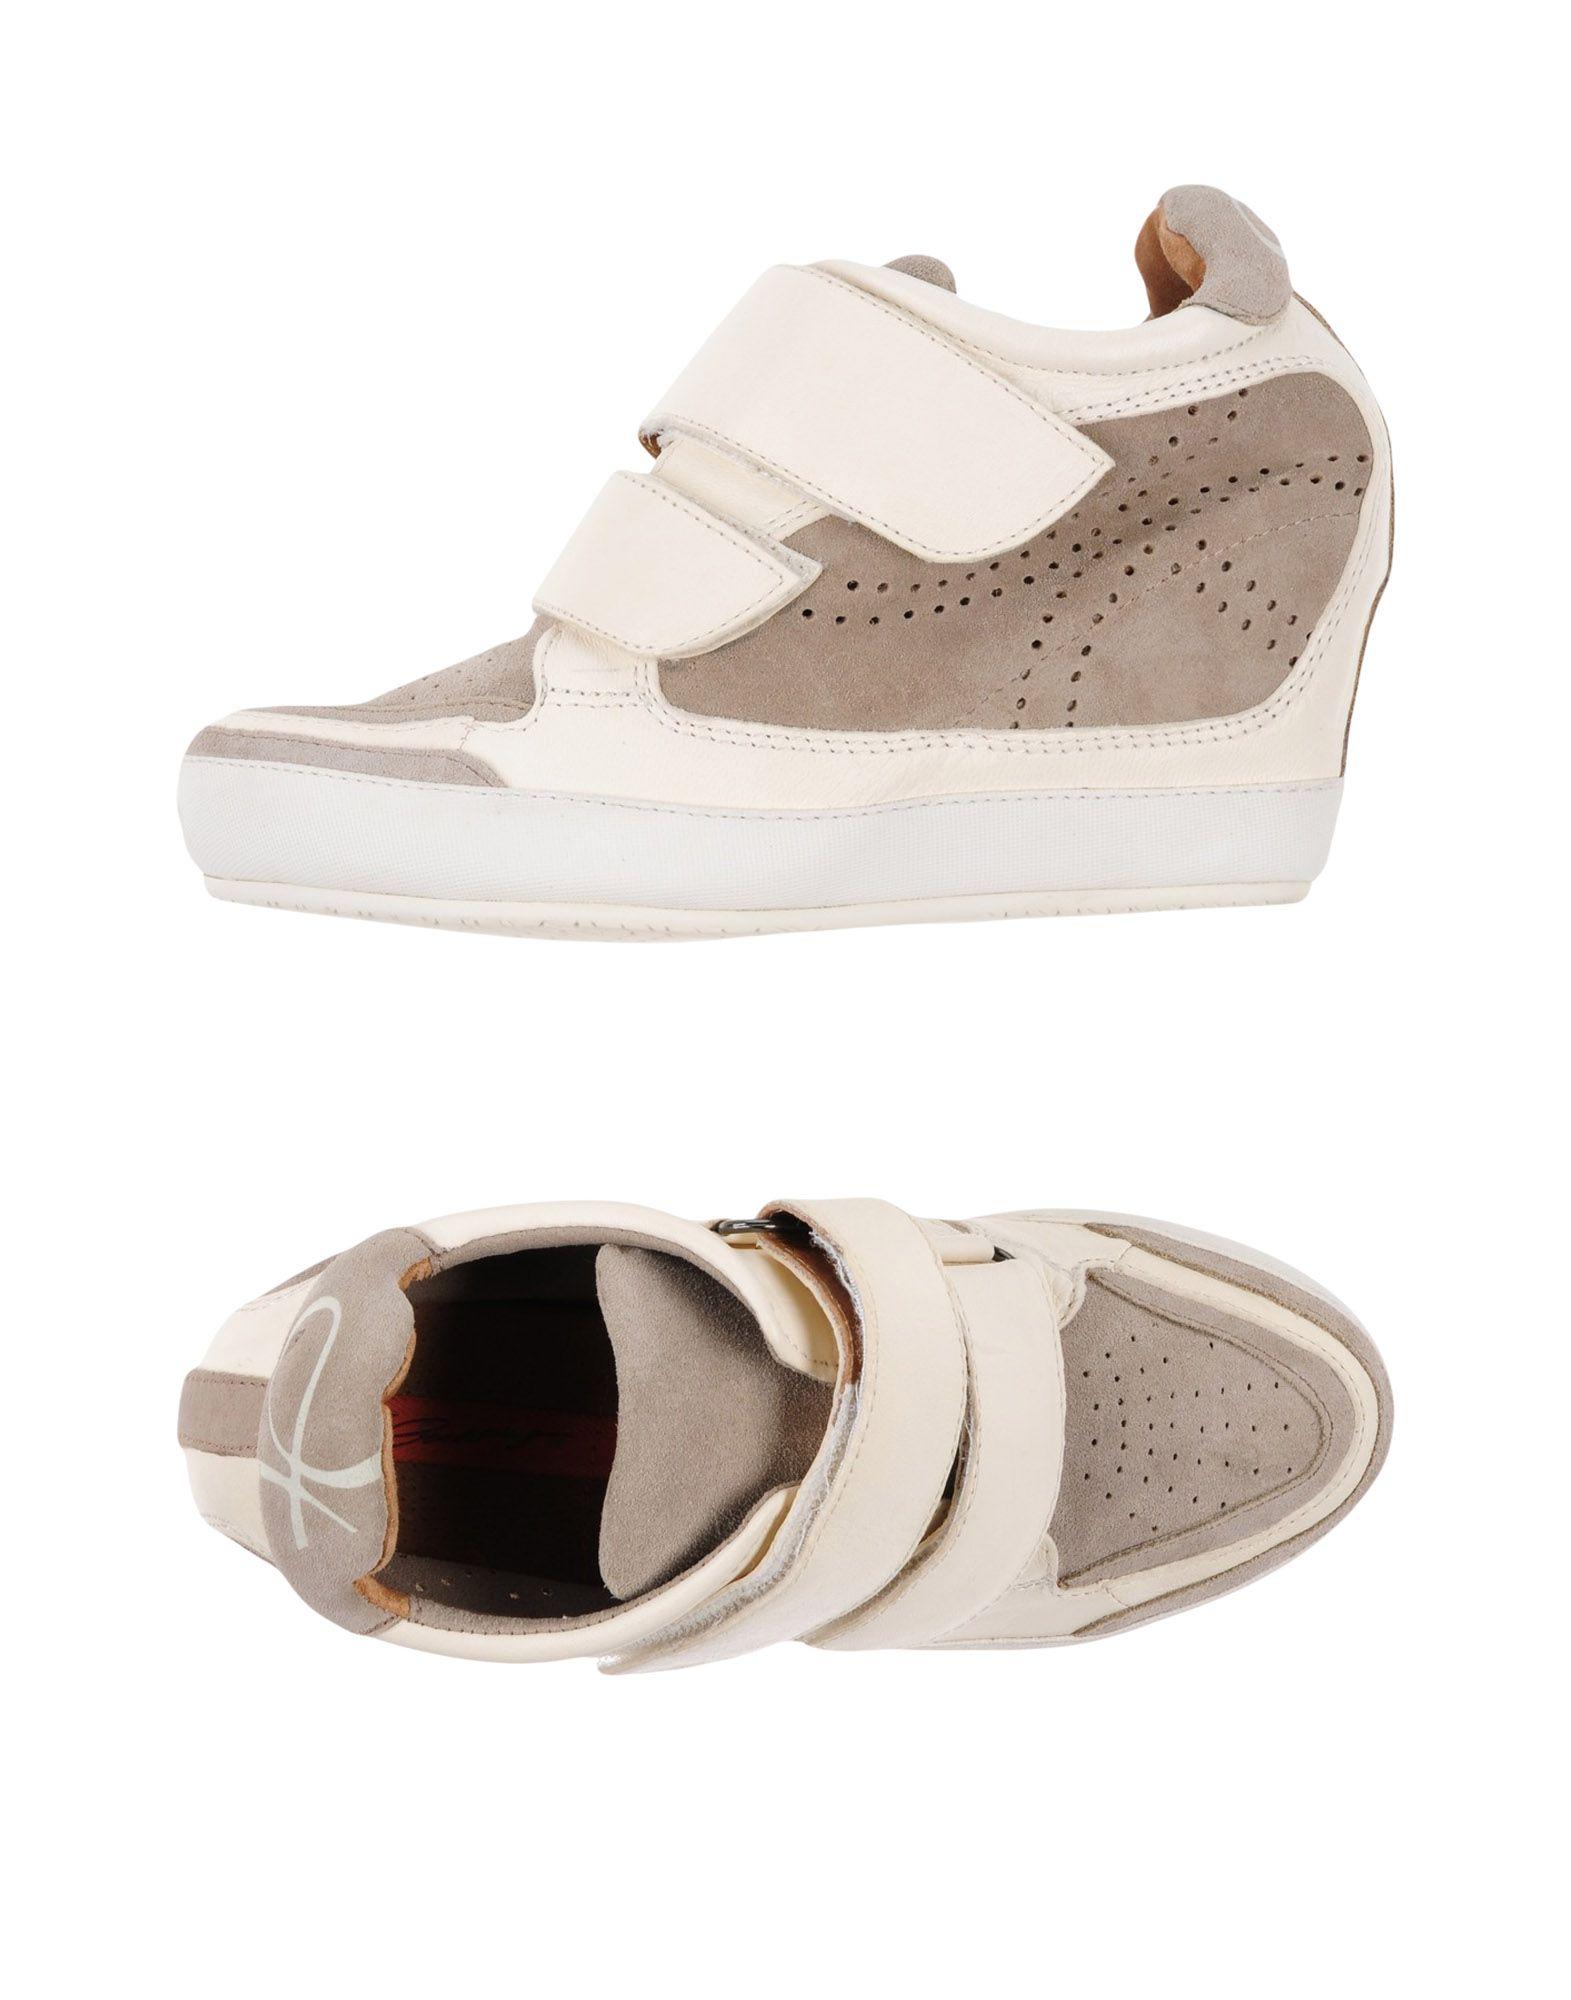 Logan Crossing Sneakers Damen  11304427EU Gute Qualität beliebte Schuhe